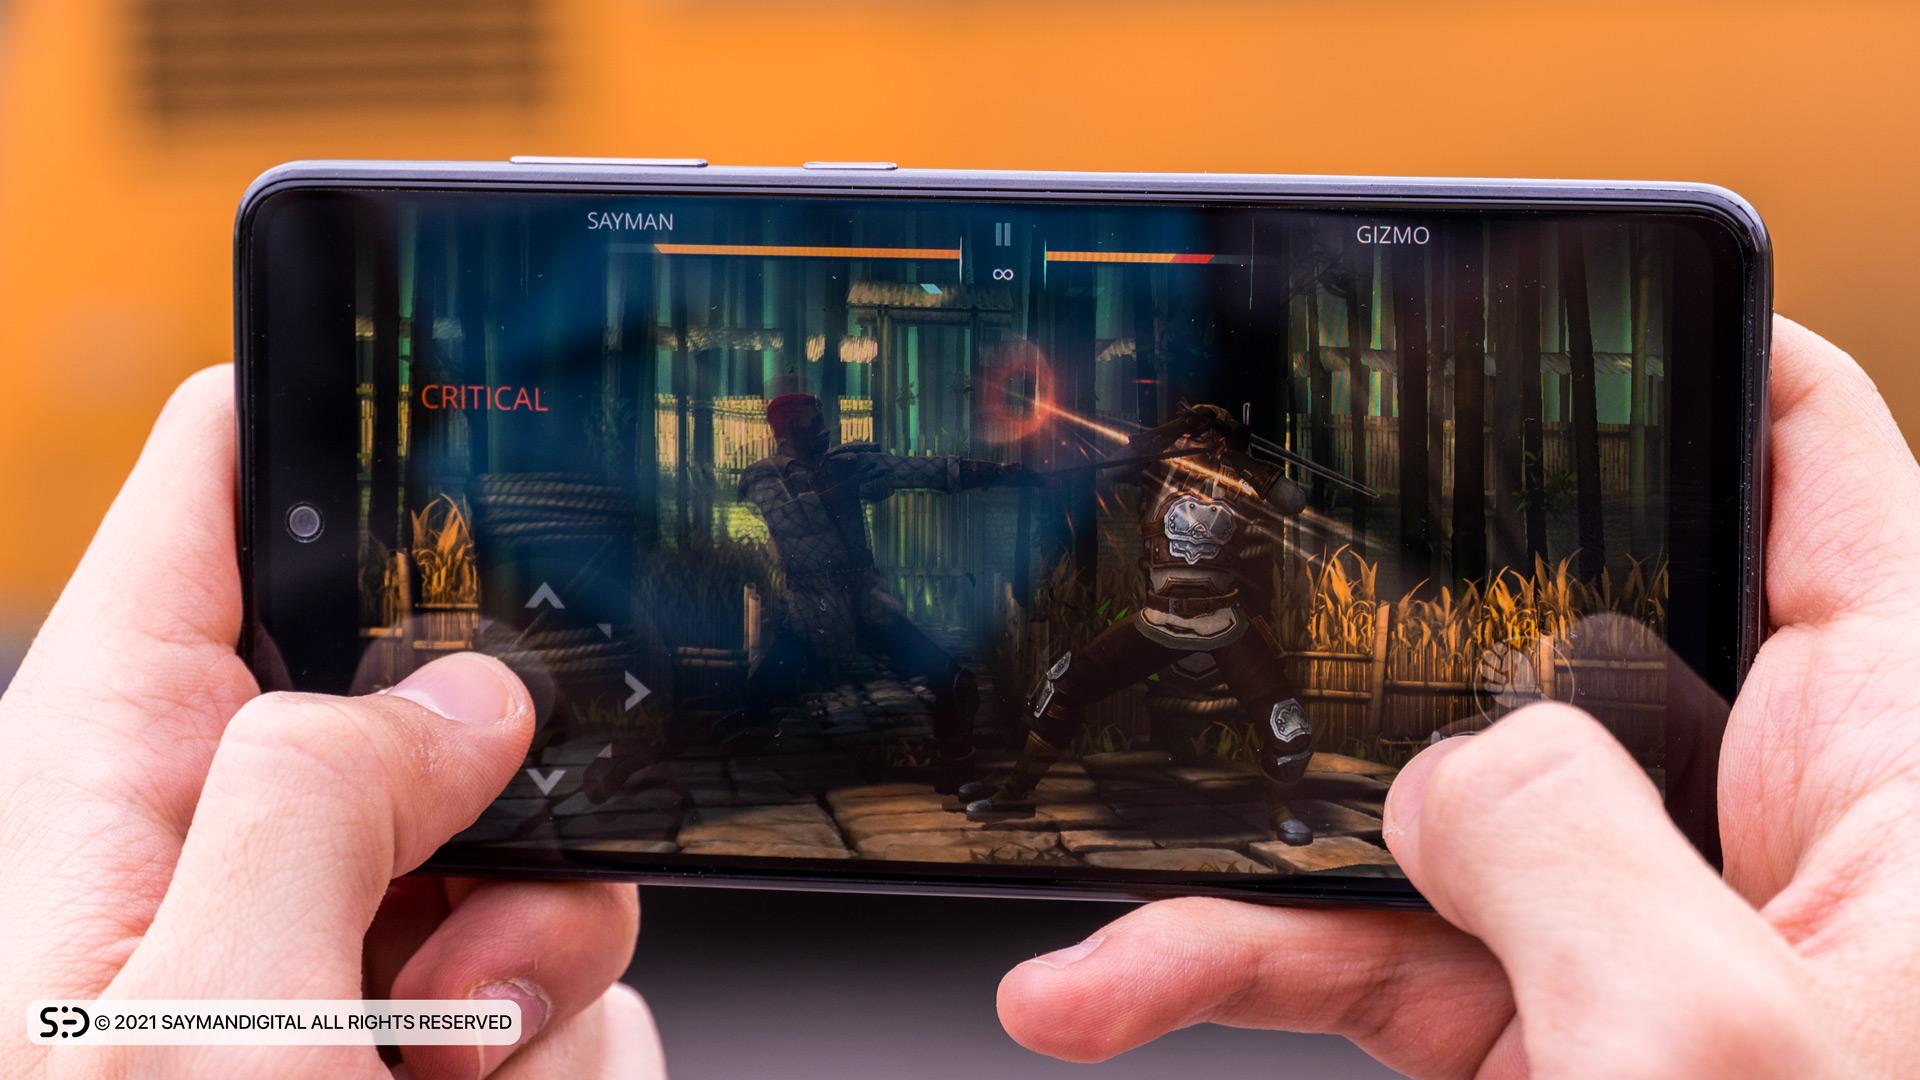 قدرت سخت افزاری در مطلب بررسی Galaxy A52